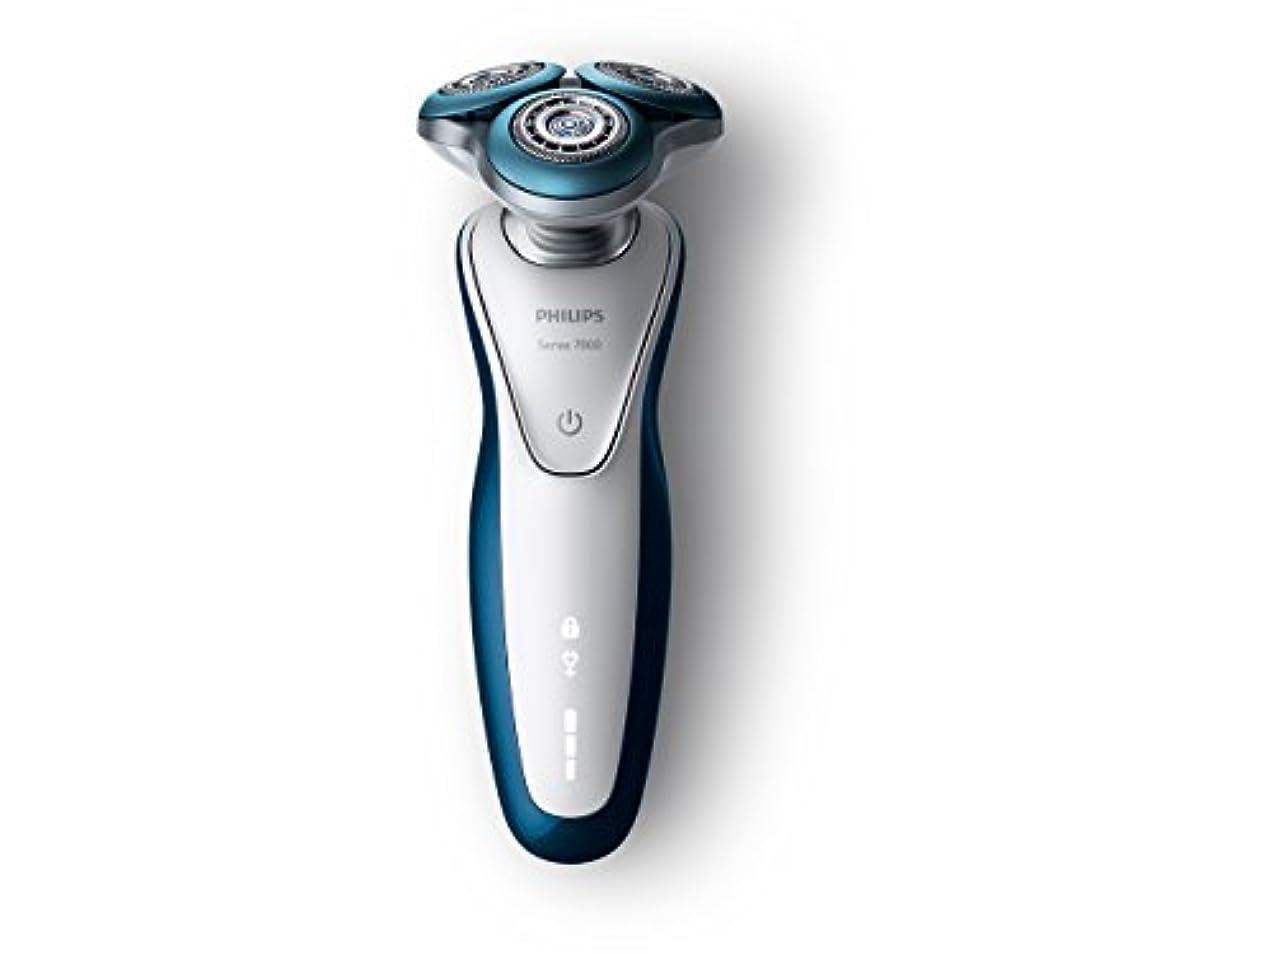 周囲独特の公フィリップス 7000シリーズ メンズ 電気シェーバー 72枚刃 回転式 お風呂剃り & 丸洗い可 トリマー付 S7520/12